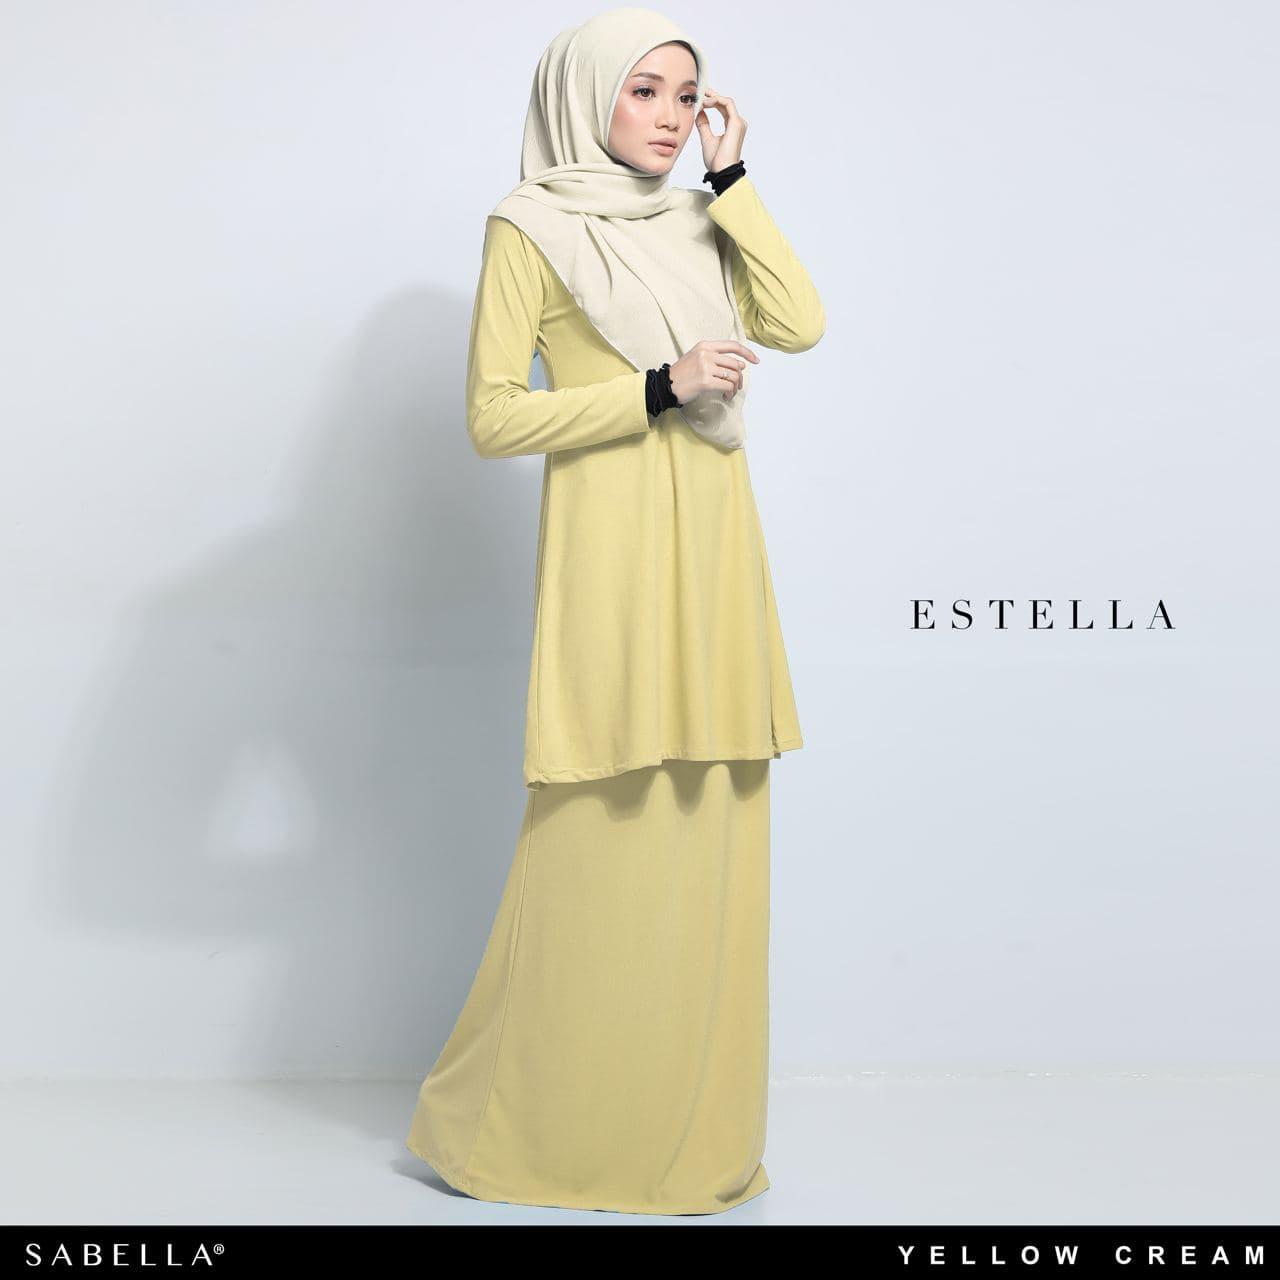 Estella 2.0 Yellow Cream